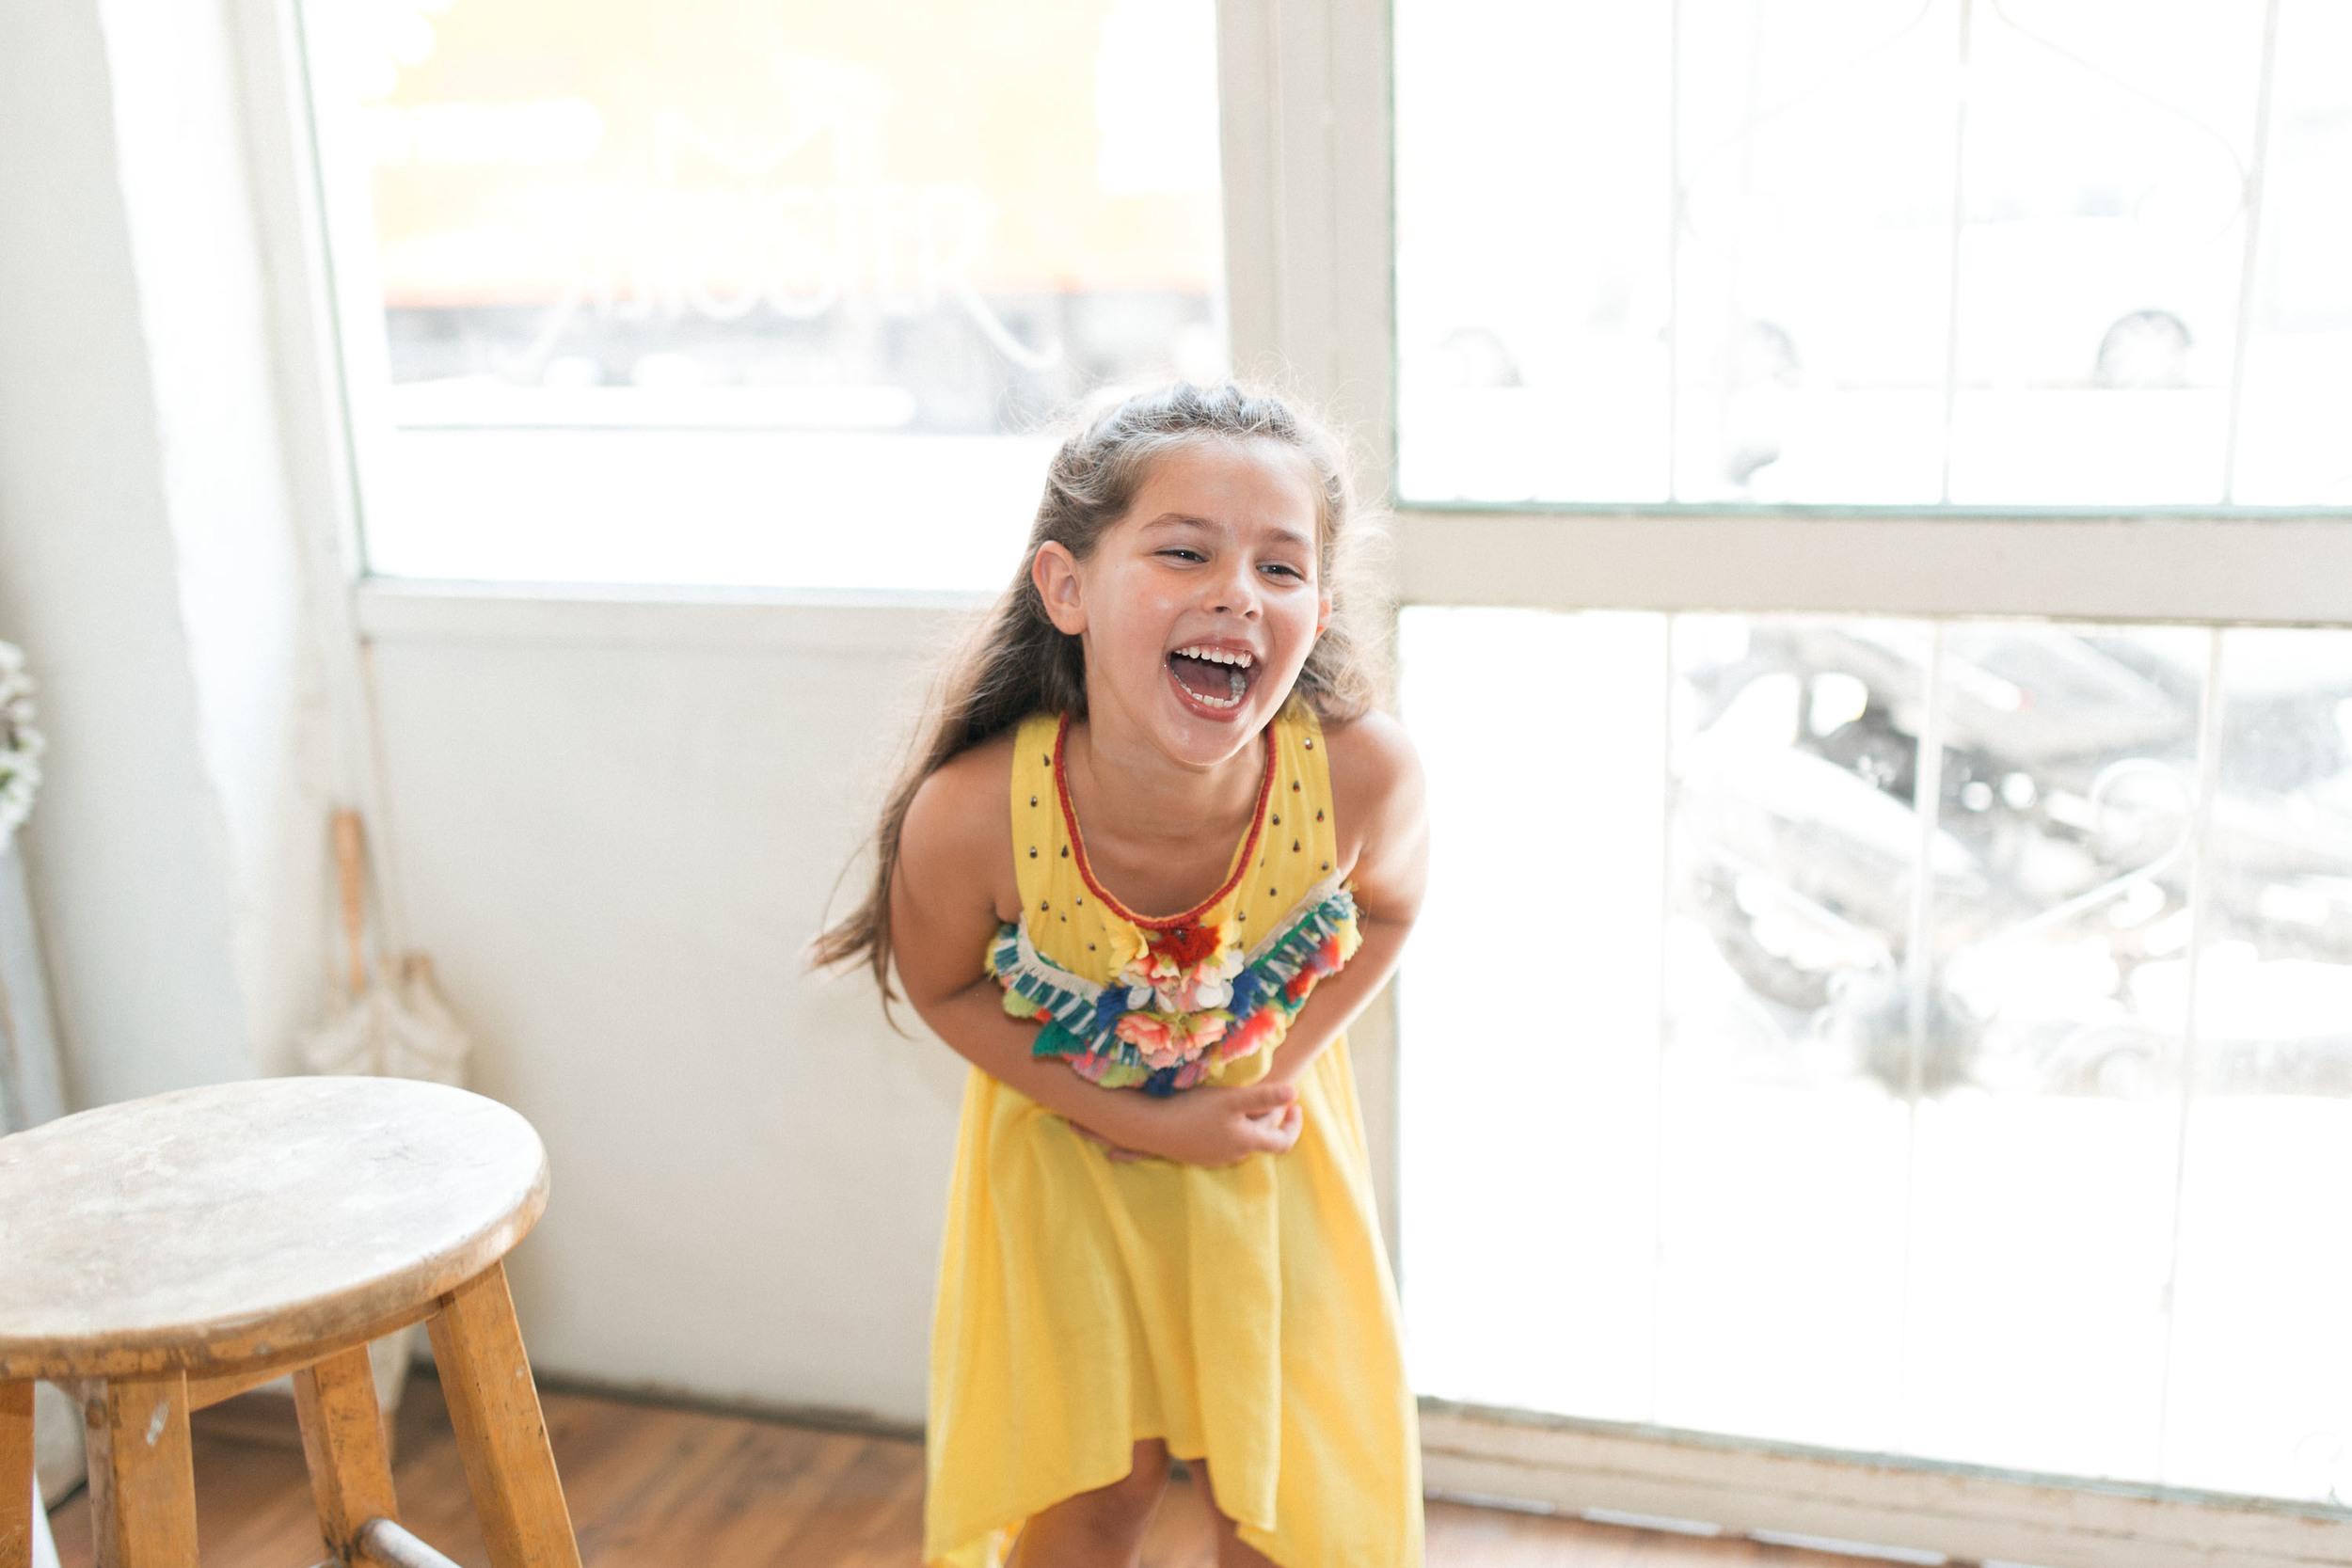 """""""לידת ביתה הראשונה של מיטל חודשים ספורים לאחר הקמת המותגSISTER M, היא שהובילה להקמת הסטודיו"""" נויה בת ה 6 (צילום ערן ודניאל אלסטר)"""